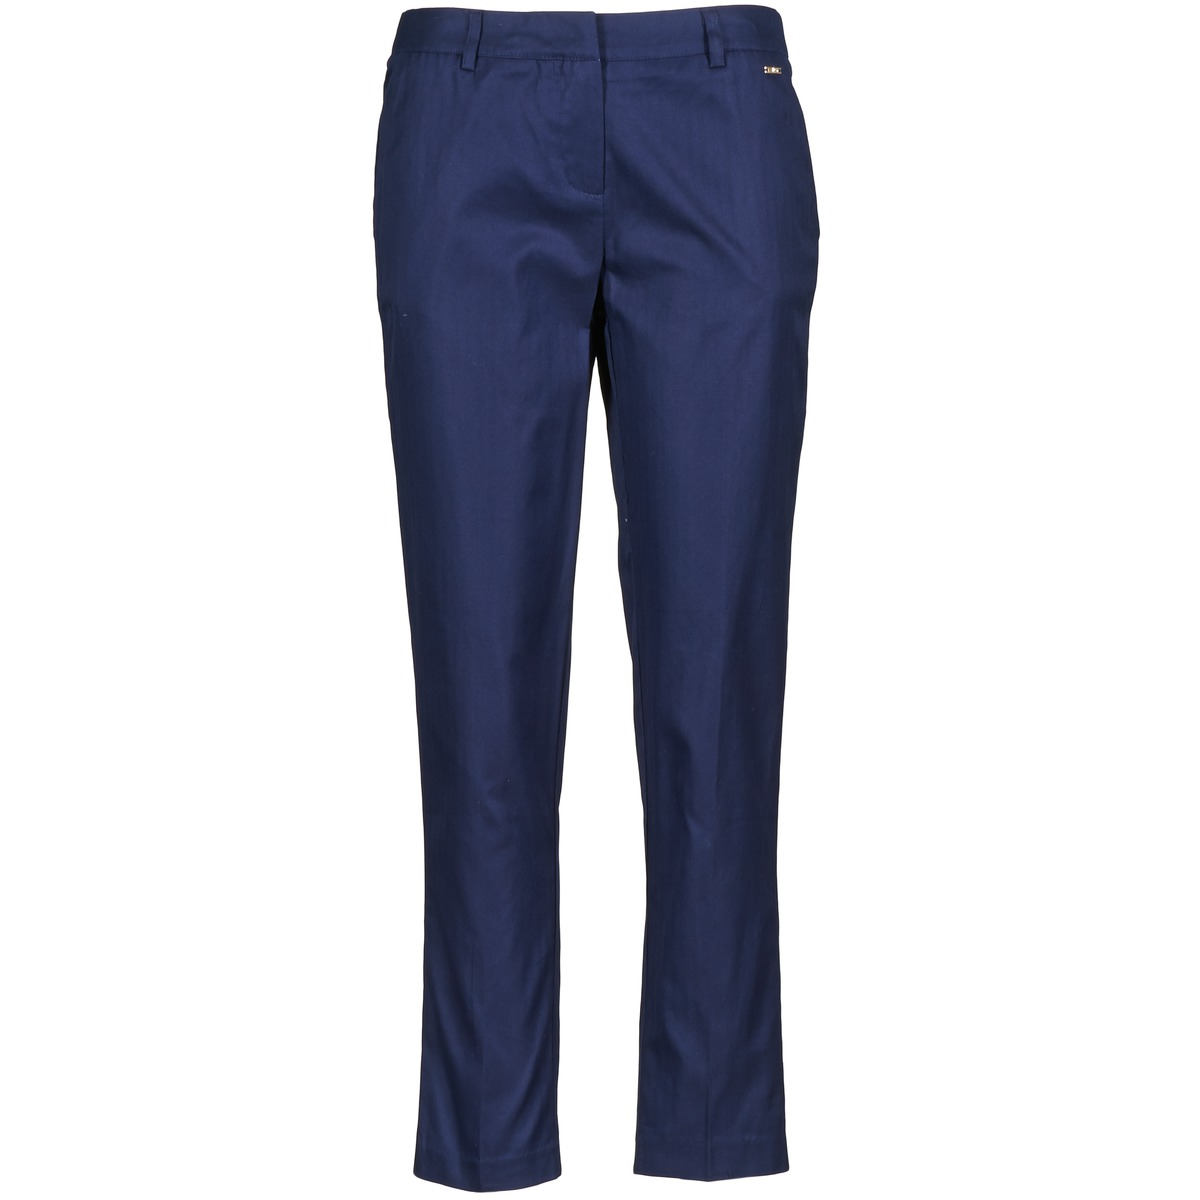 Pantaloni 7/8 e 3/4 La City PANTD2A Blu